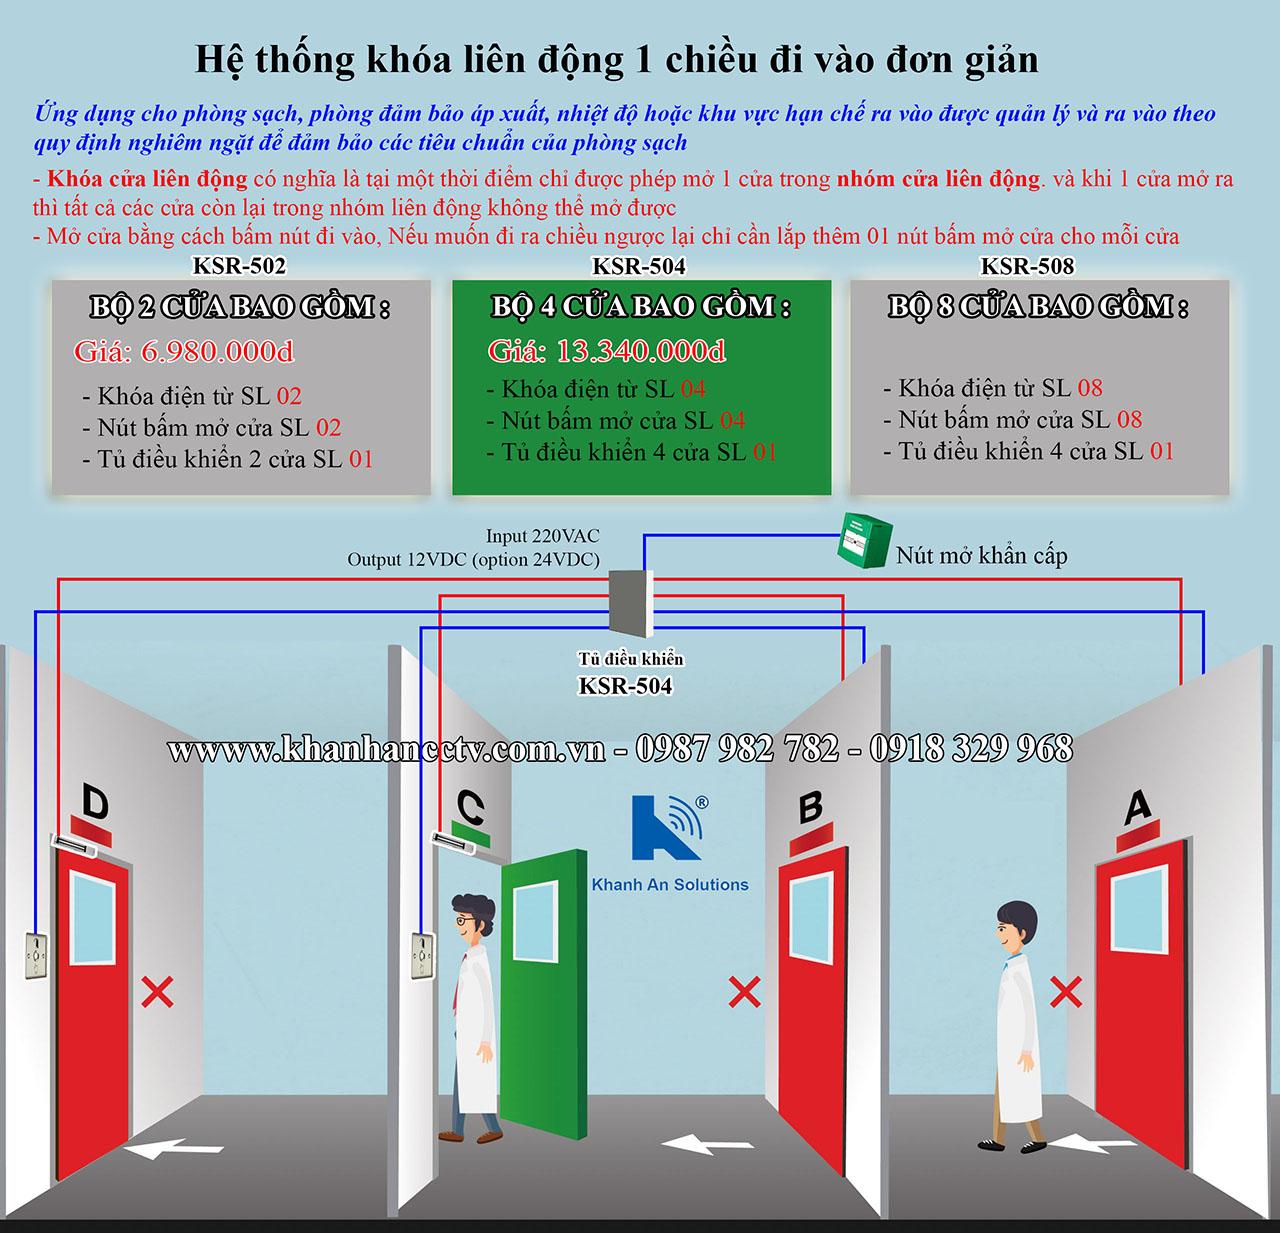 Cửa liên động interlock cho phòng sạch